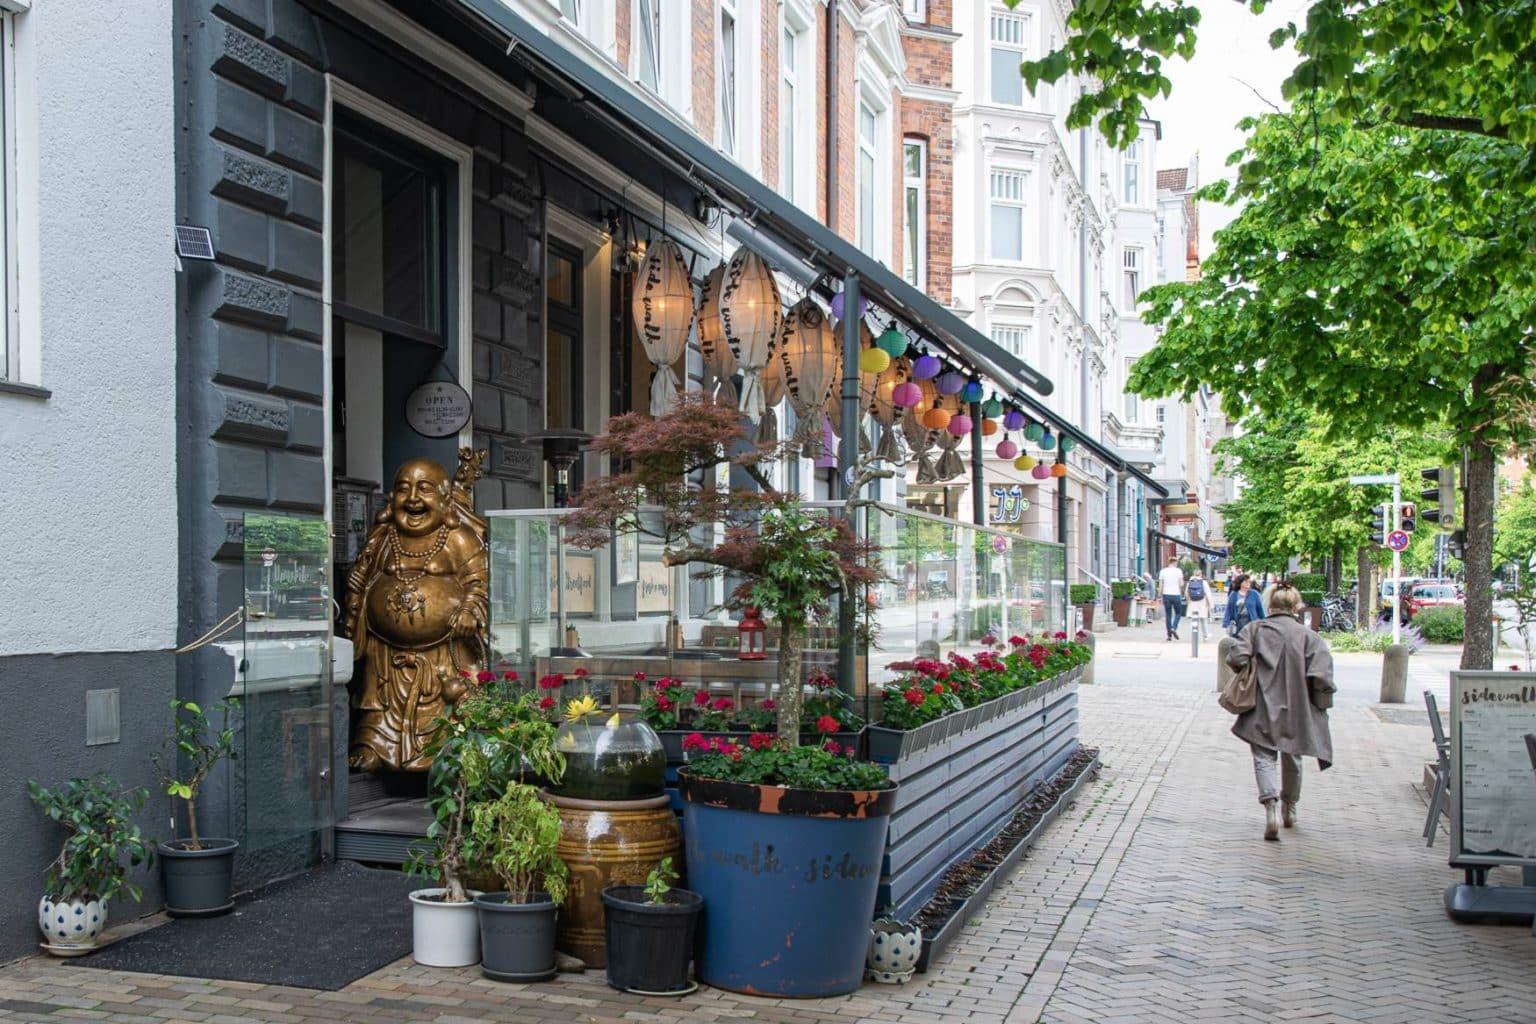 Sidewalk Restaurant Kiel Vorschau groß kl Sidewalk